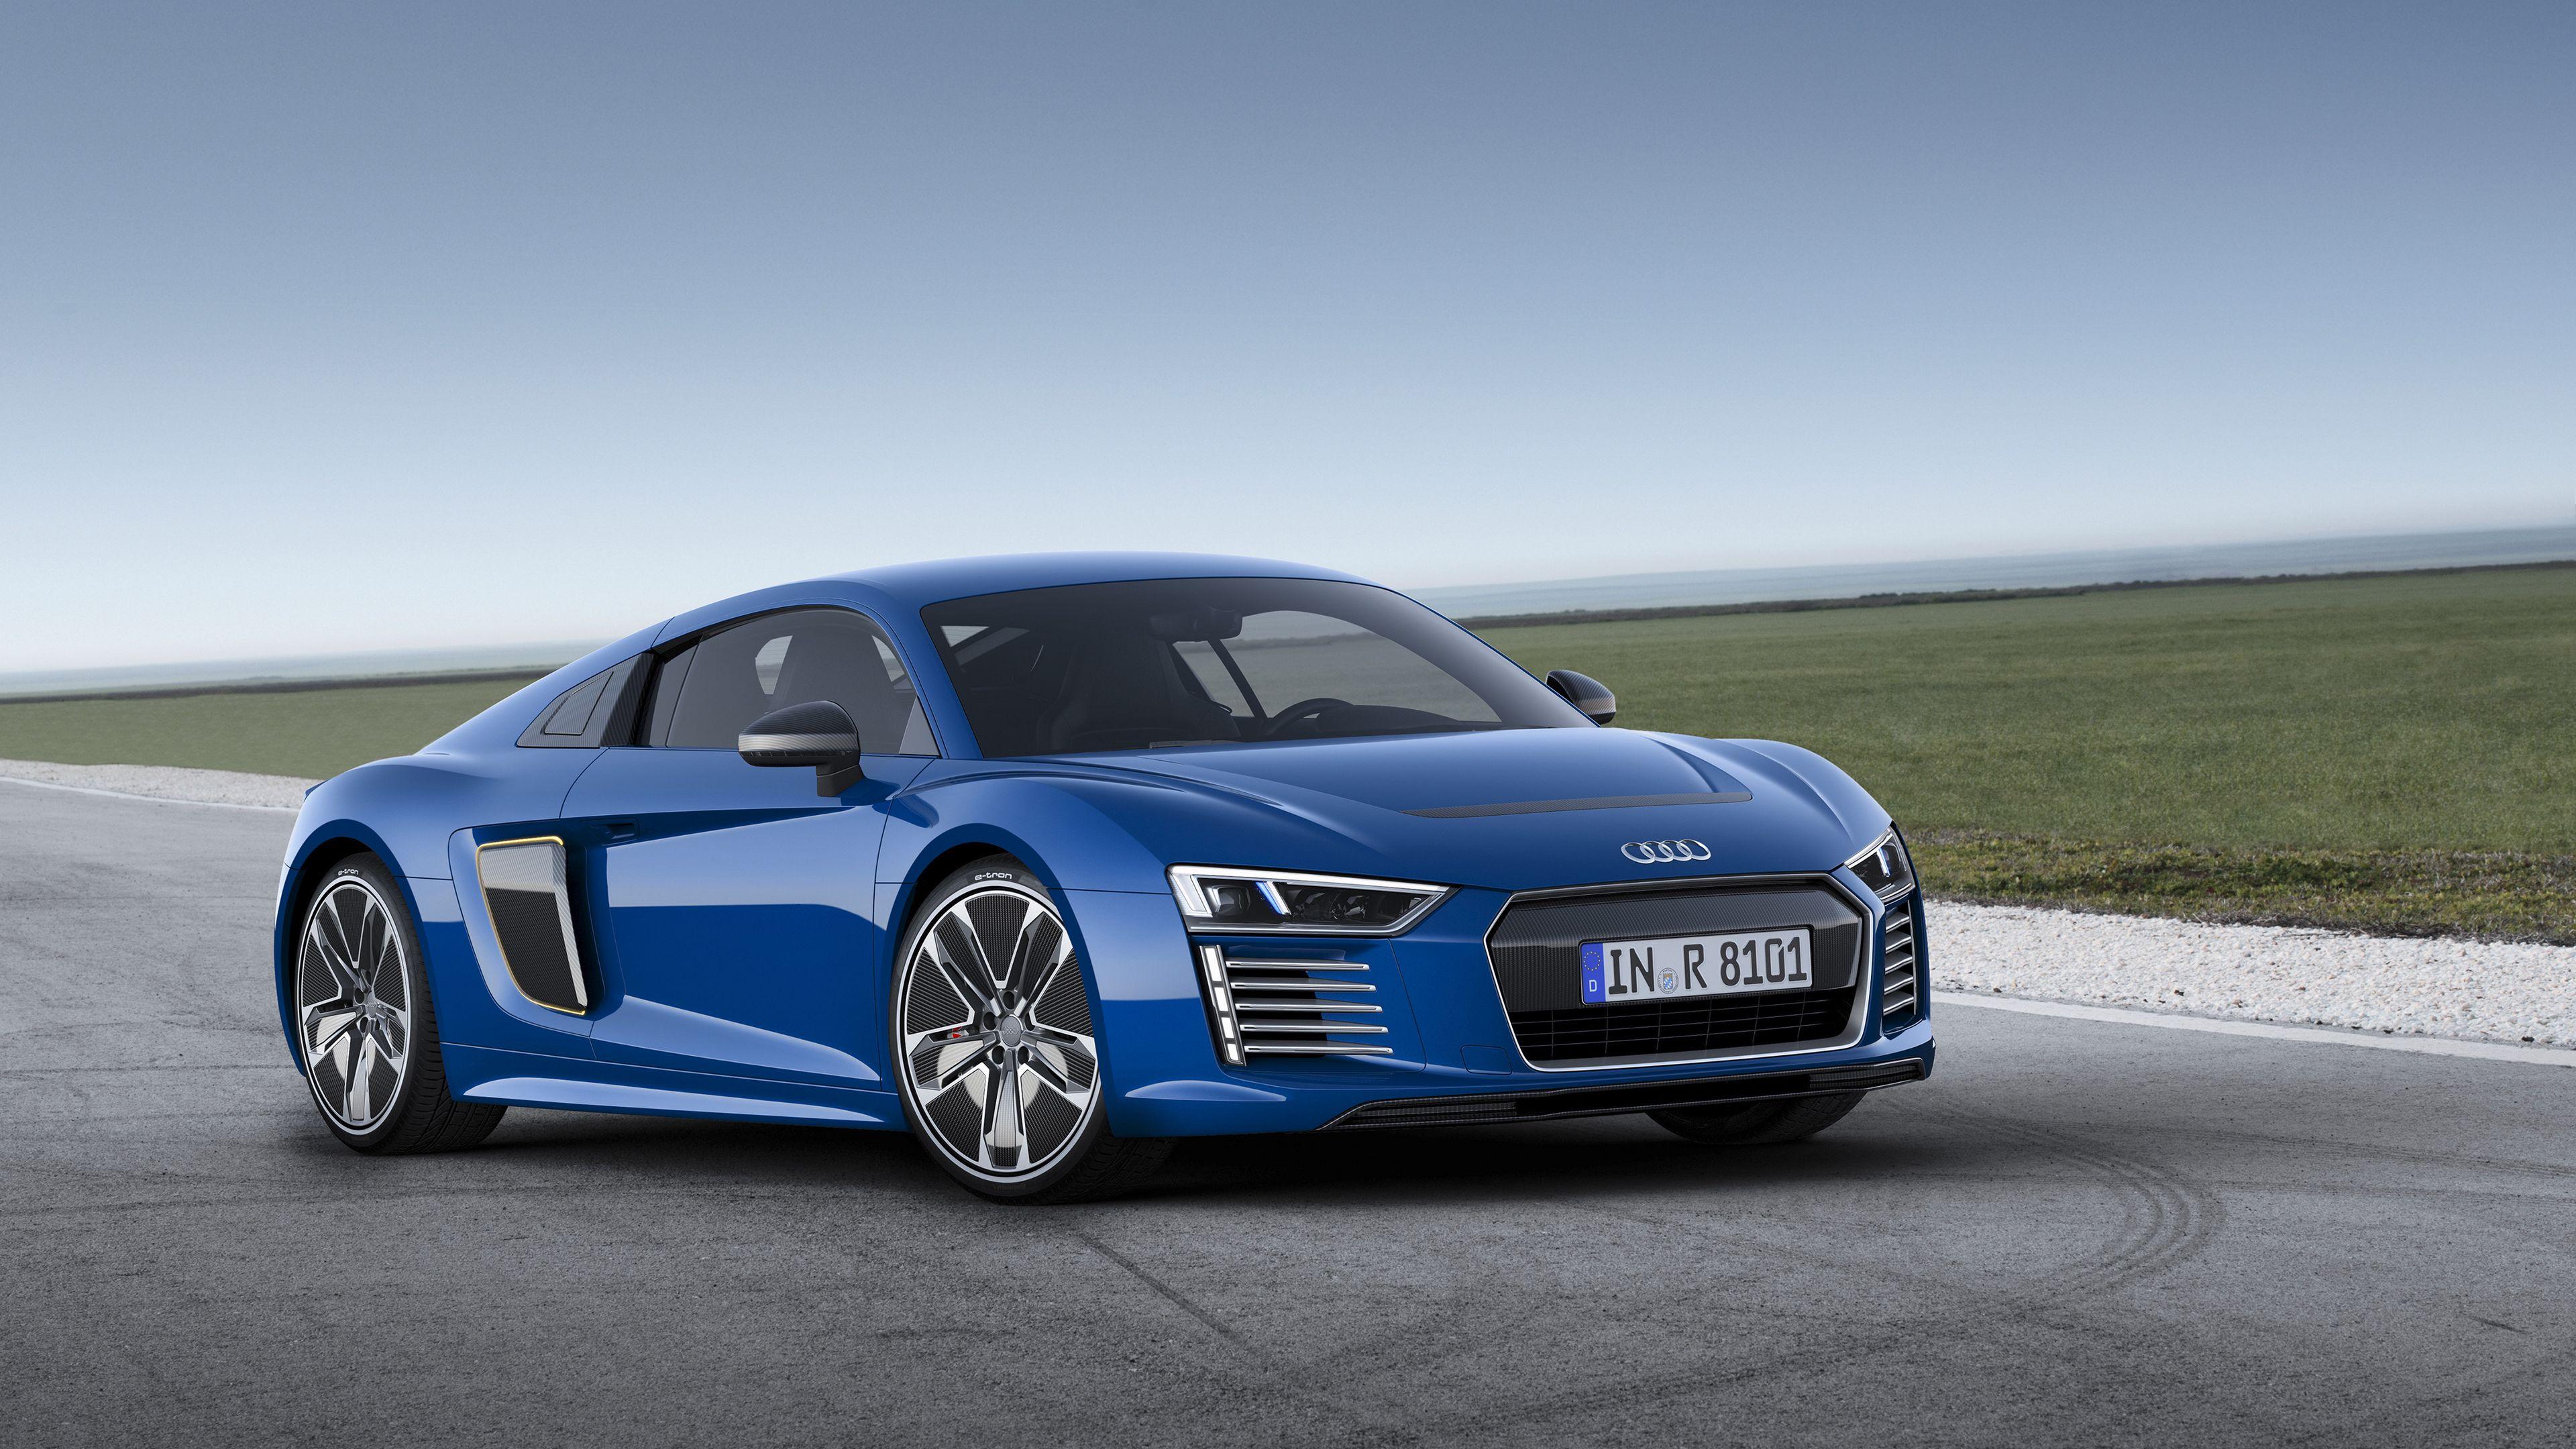 Компания Audi планирует заняться оптимизацией модельного ряда: под угрозой оказались TT и R8. Об отставке речи пока не идёт, но обе модели могут стать электрокарами: в течение ближайших пяти лет фирма должна вывести на рынок 30 электрифицированных машин, в том числе 20 полноценных электромобилей.